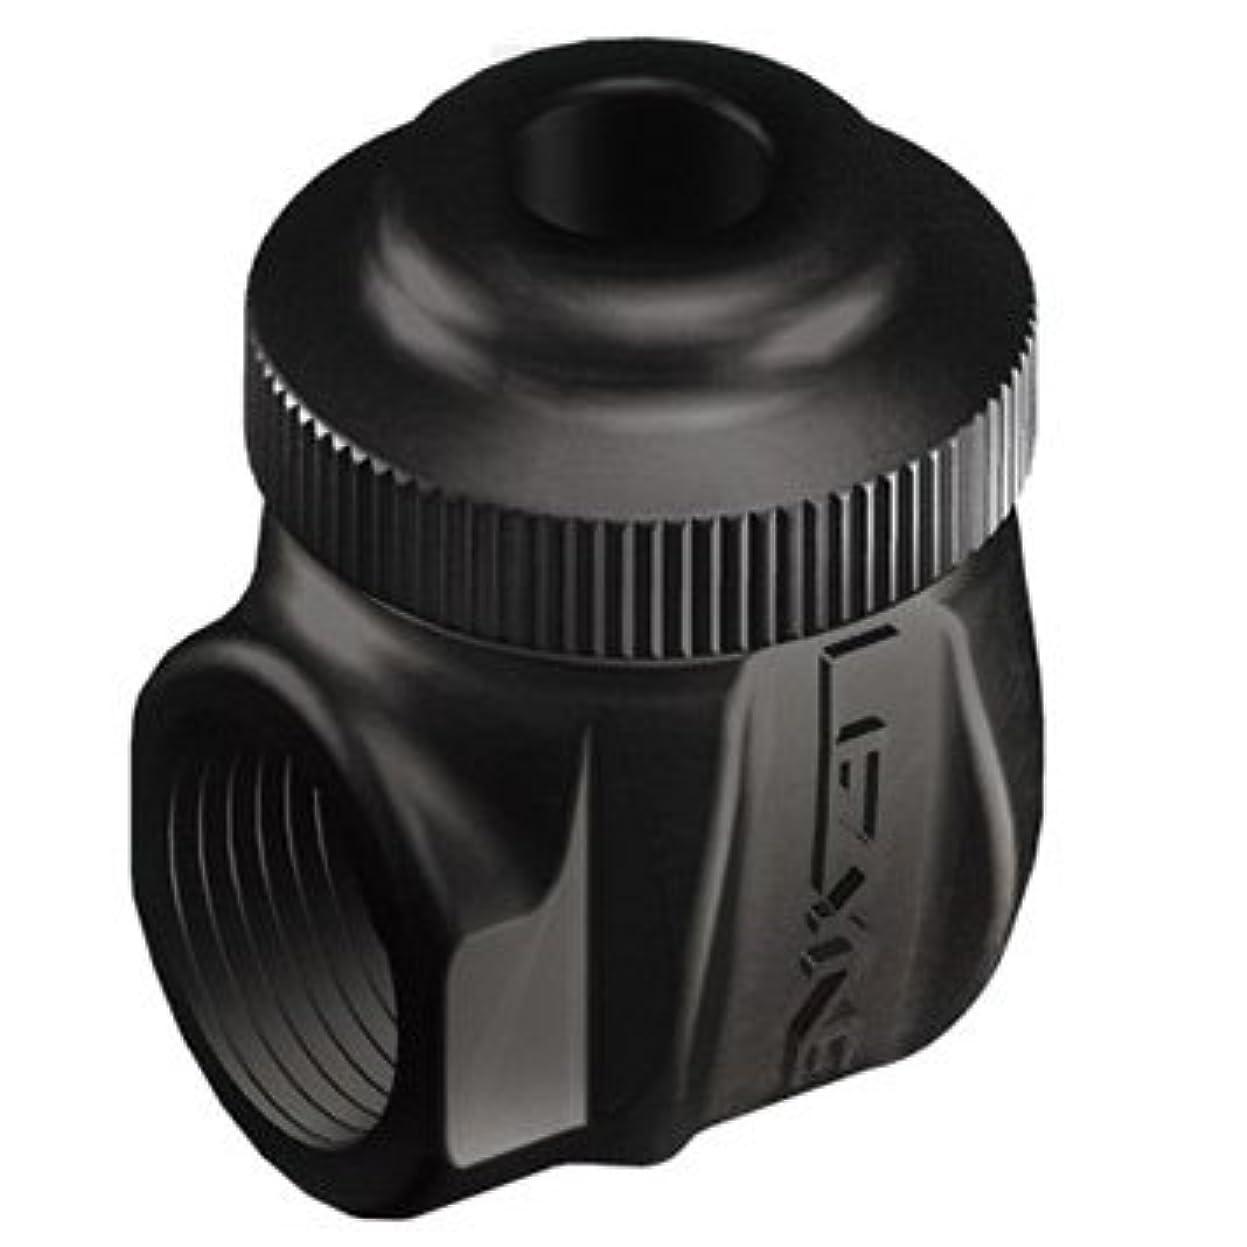 カリキュラム直面するショルダーレザイン SPEED CHUCK for FLOOR PUMPS(1-PR-PRESTA-V-VINY04)